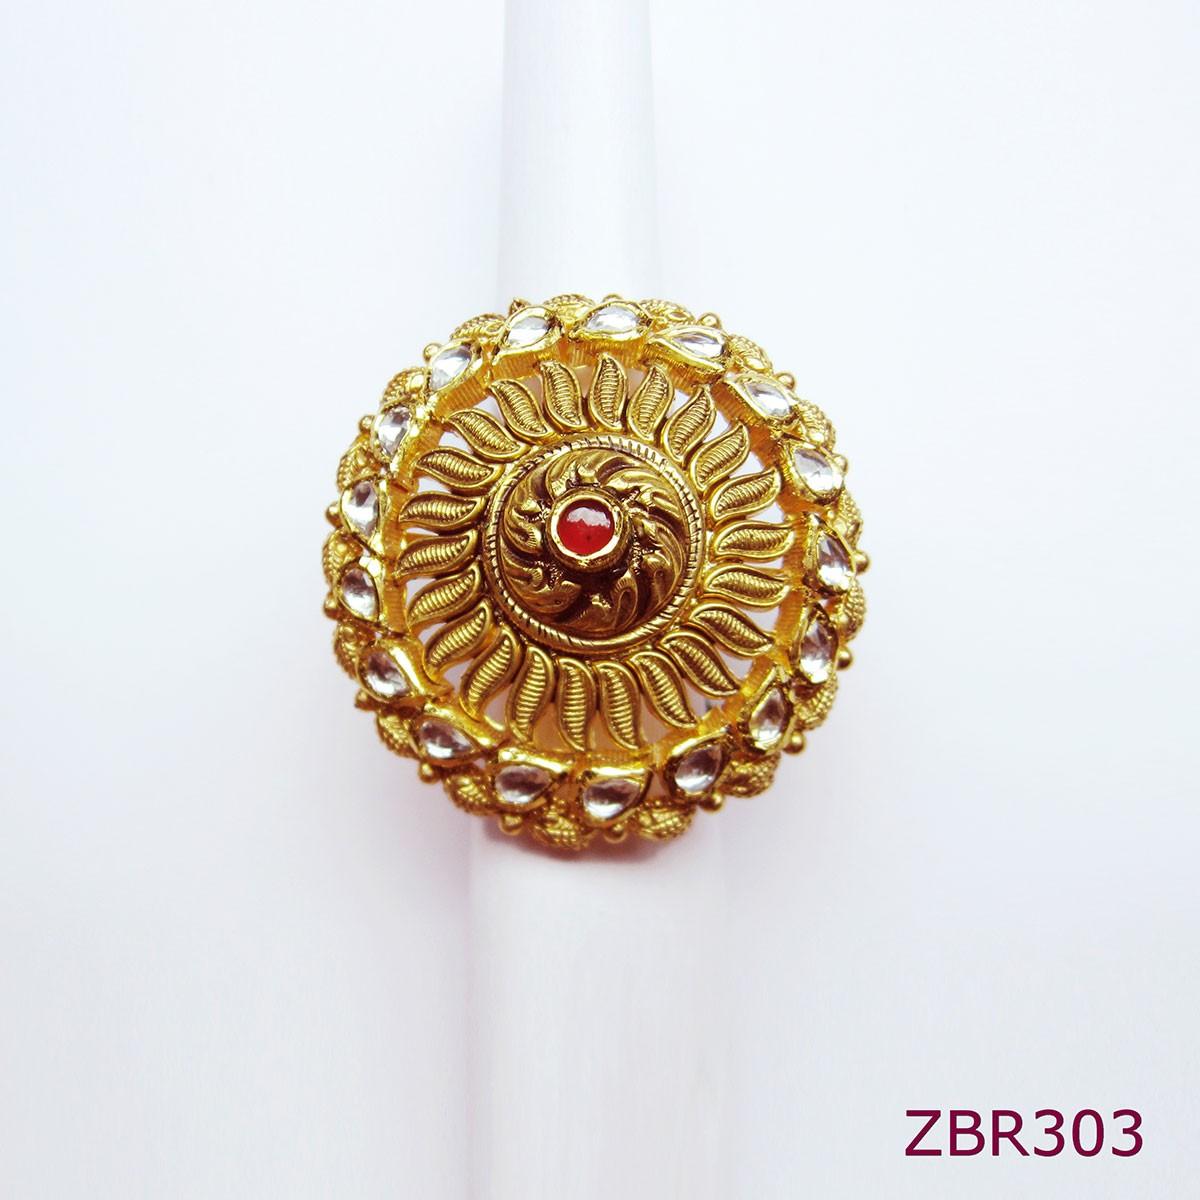 ZBR303